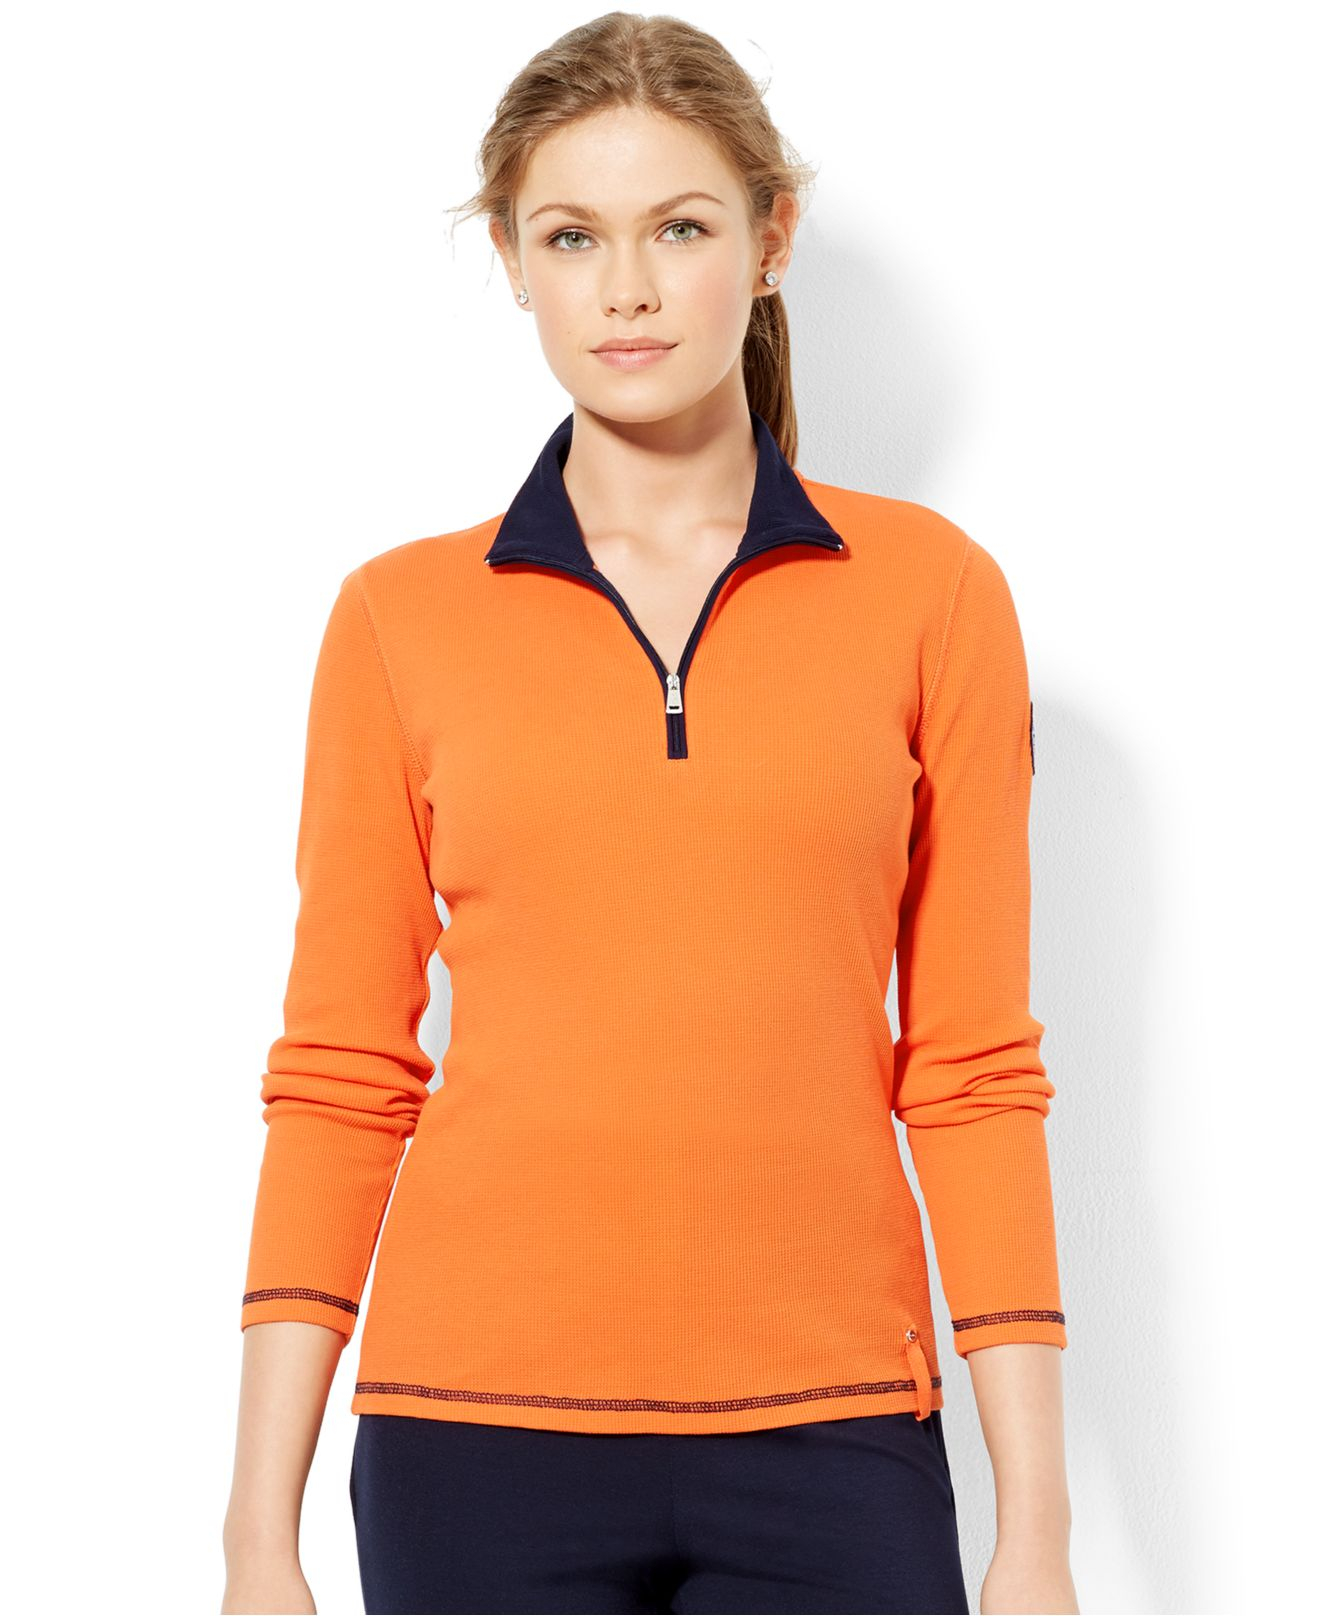 Lauren by ralph lauren Mock-Turtleneck Half-Zip Pullover in Orange ...